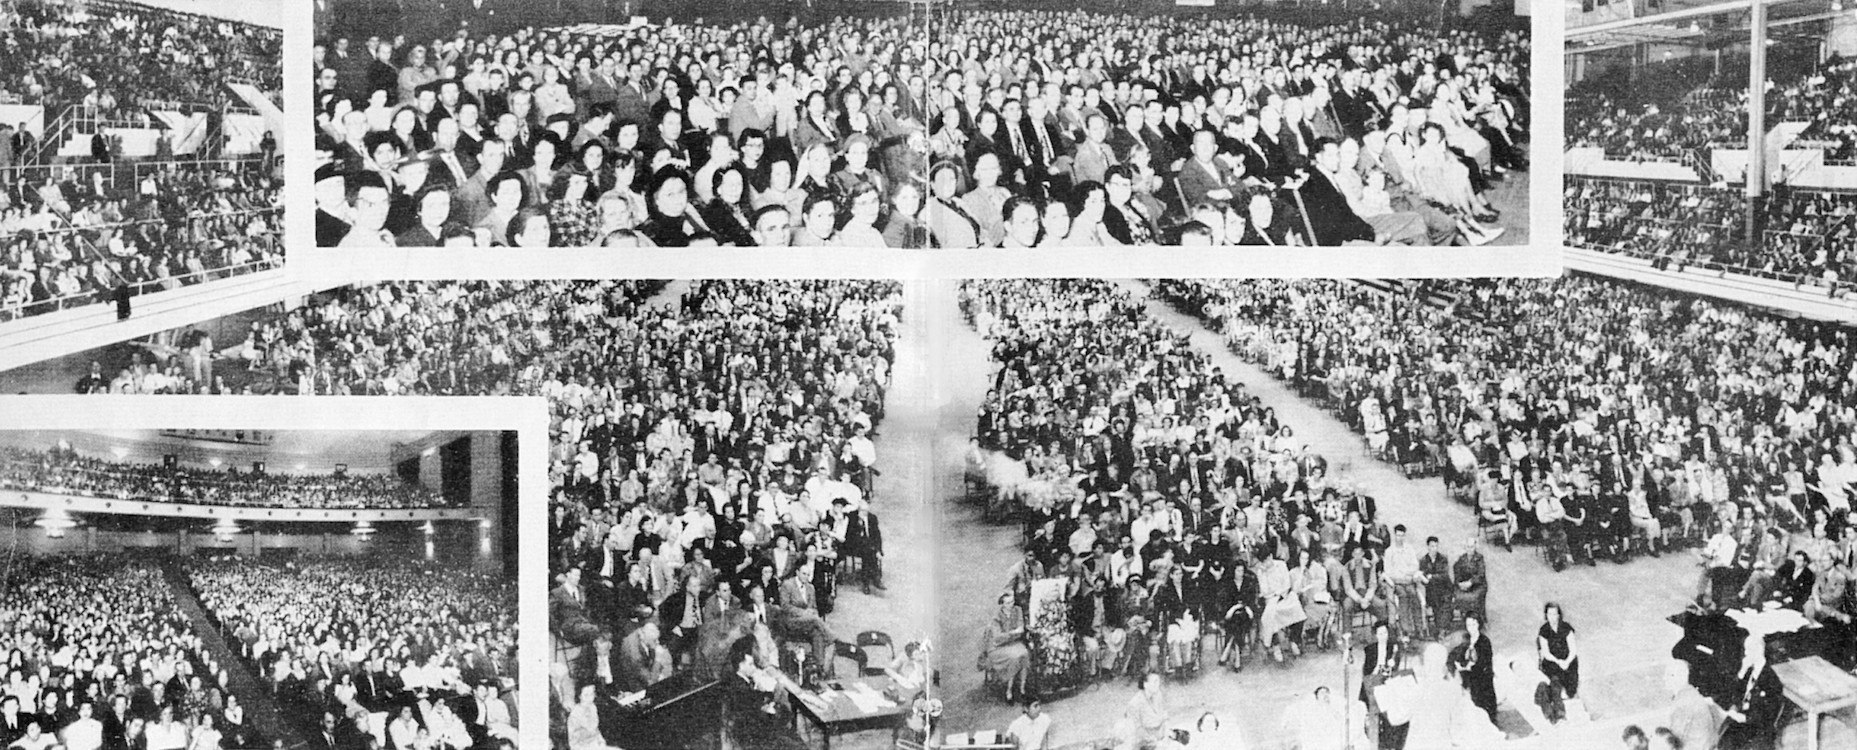 Een overzicht van het gehoord in het Sam Houston Coliseum in Januari 1950